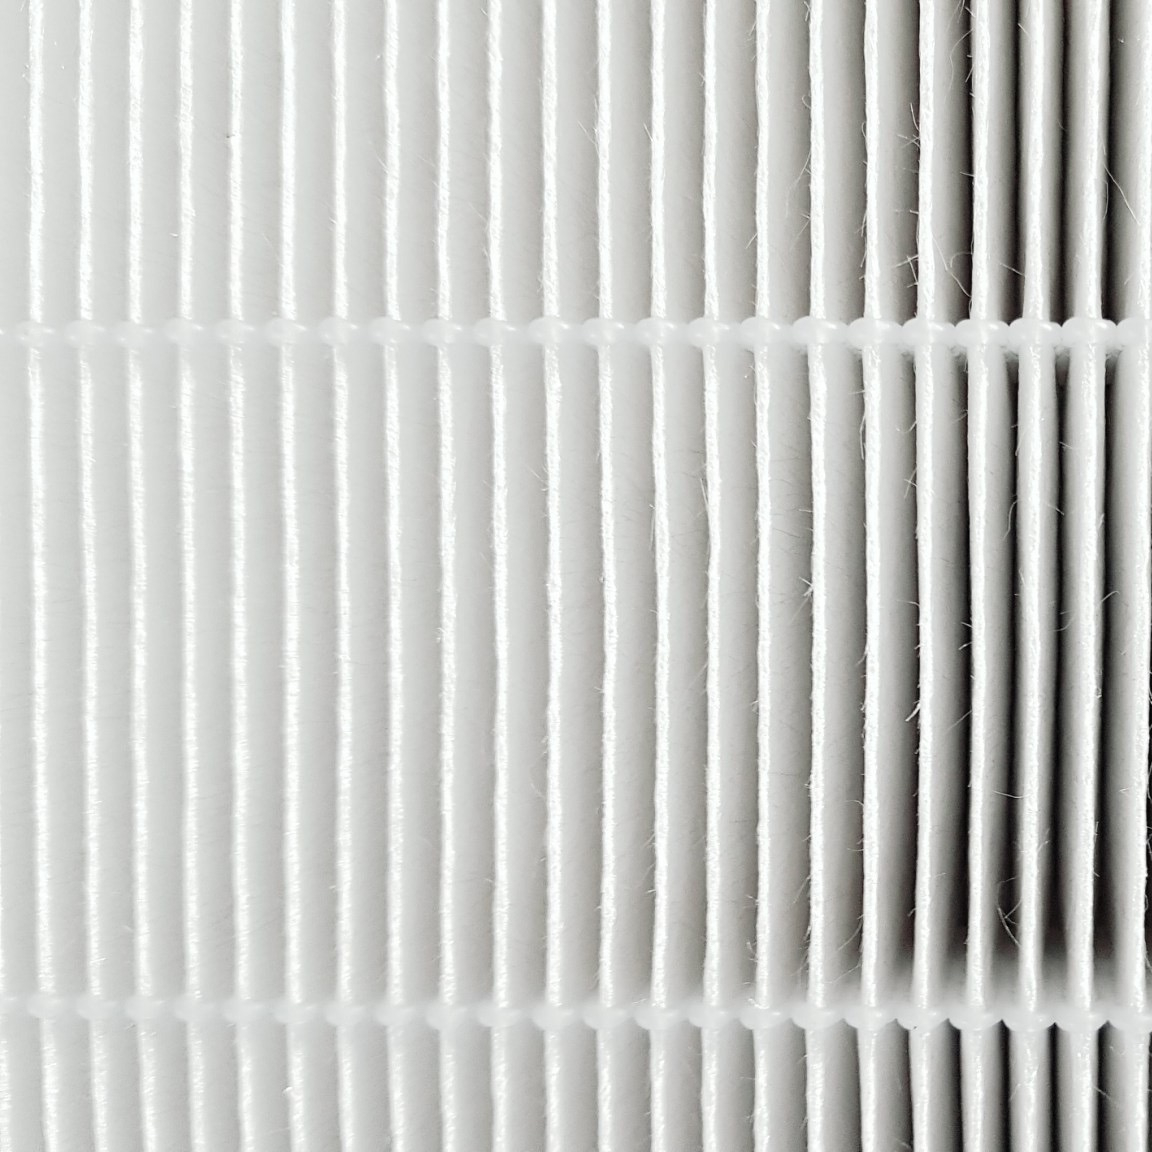 ไส้กรอง HEPA filter เกรด H13 กรองได้ถึง 99.97% ที่ 0.3 ไมครอน จึงสามารถดักจับฝุ่น ไวรัส เชื้อรา แบคทีเรีย และฝุ่นละเอียดระดับ PM 2.5 ได้มากกว่า 99%